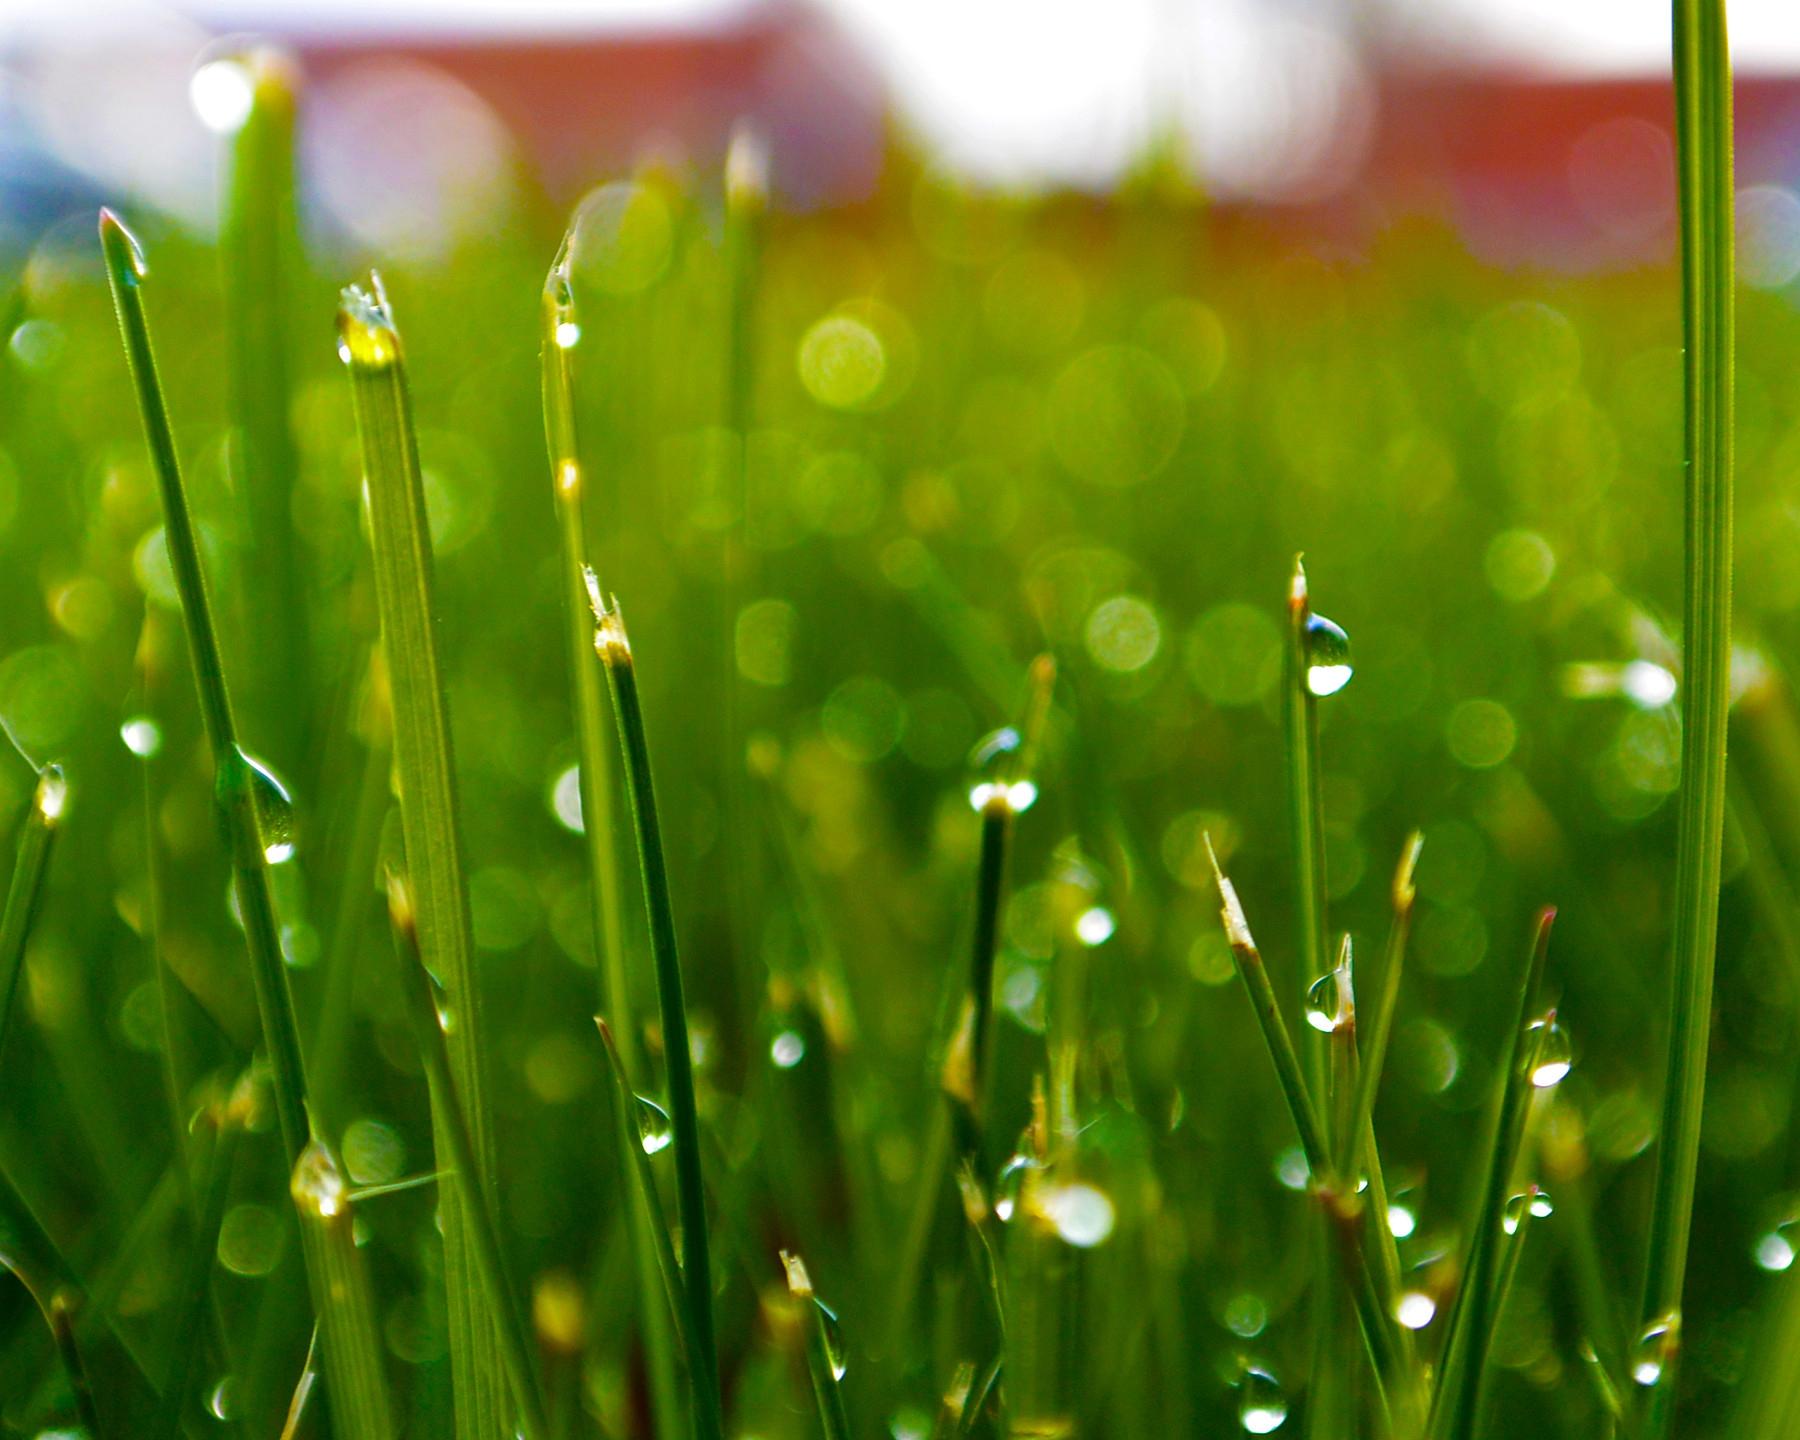 получали такое красивая роса на траве картинки взгляд этот вторник